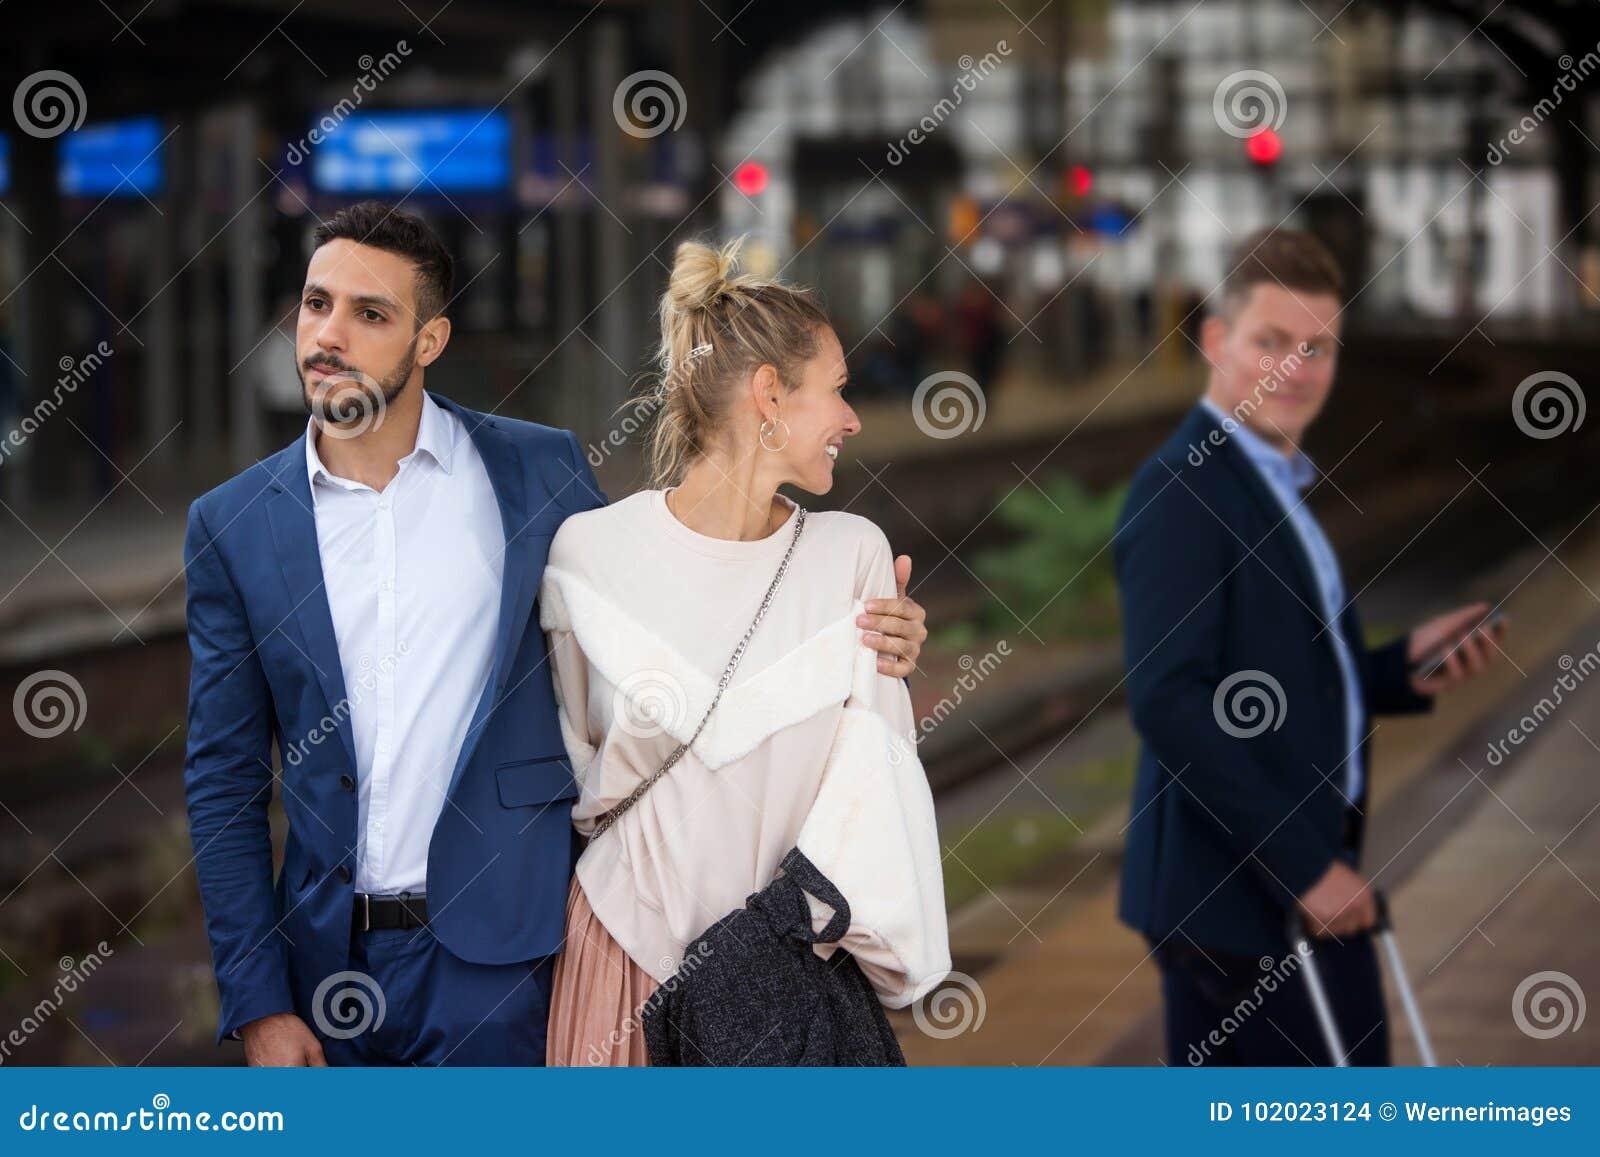 Männer flirten mit anderen frauen